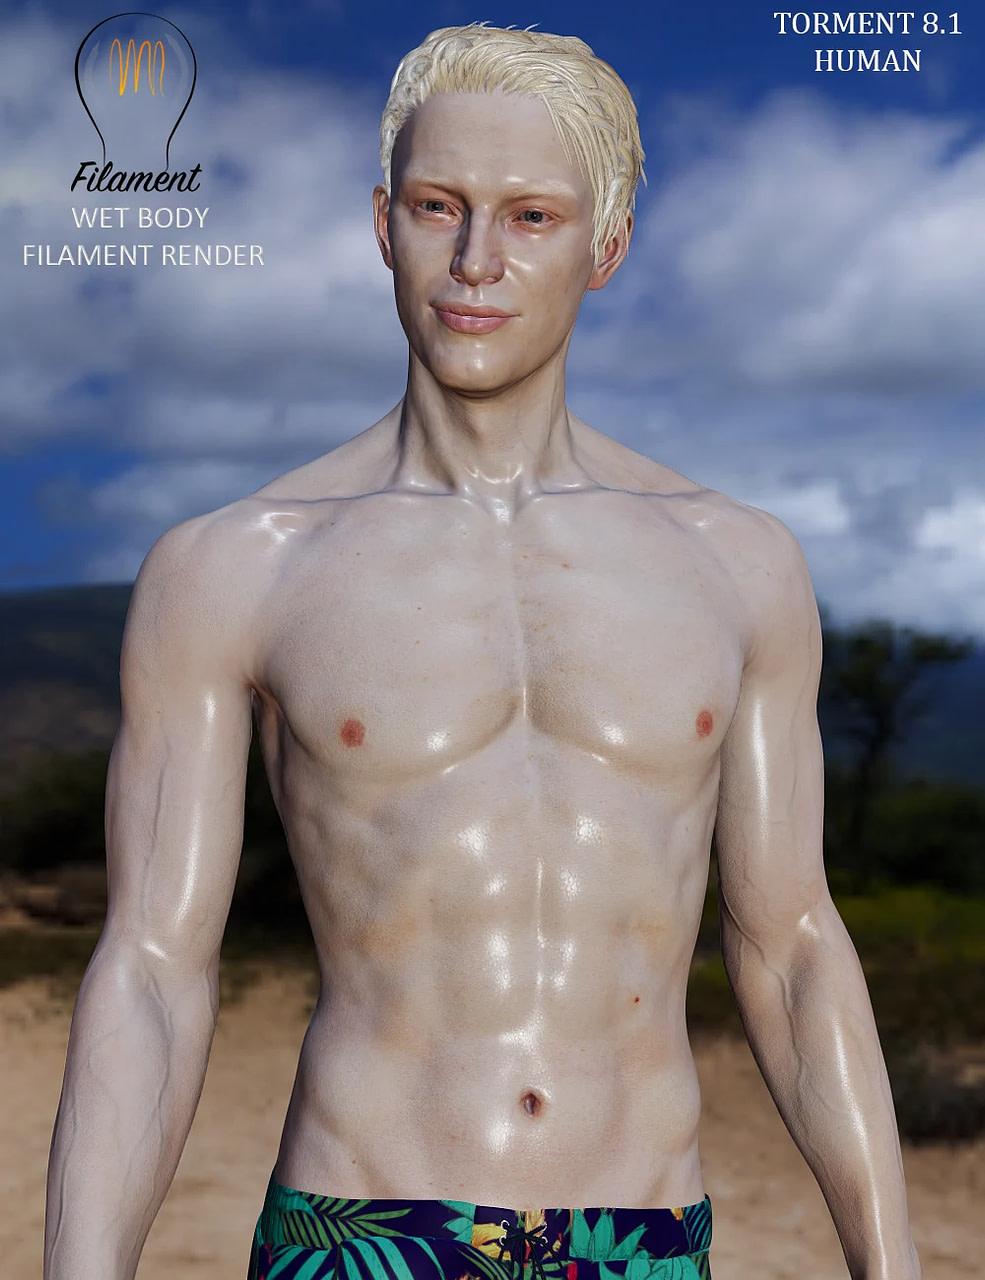 daz3d wet body filament